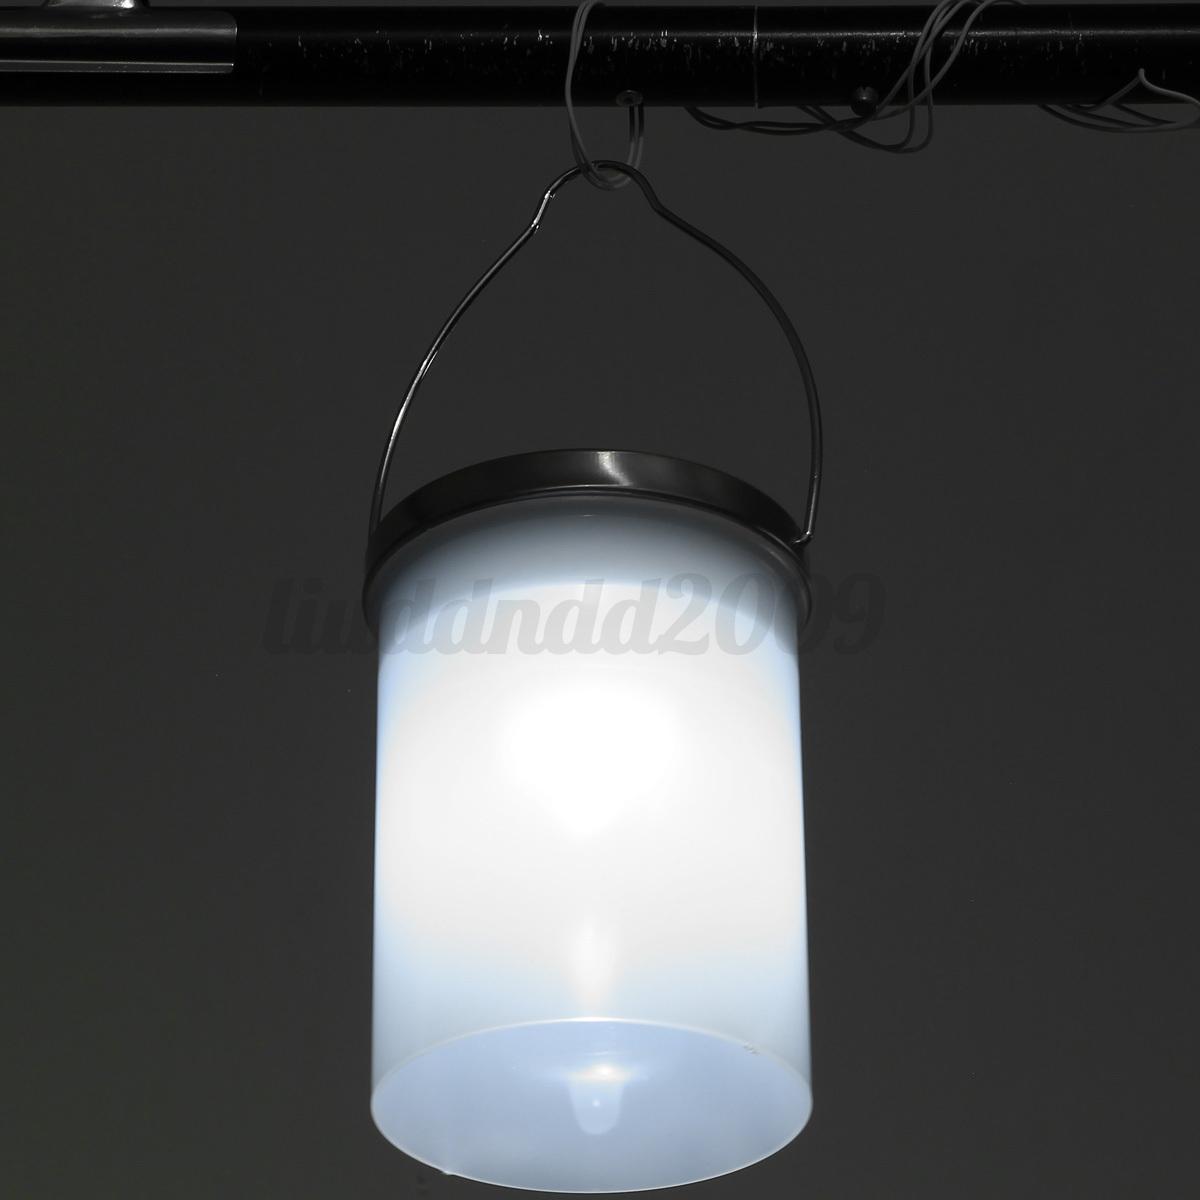 uk led solarlampe solarlaterne leuchte lampe solarzellen. Black Bedroom Furniture Sets. Home Design Ideas